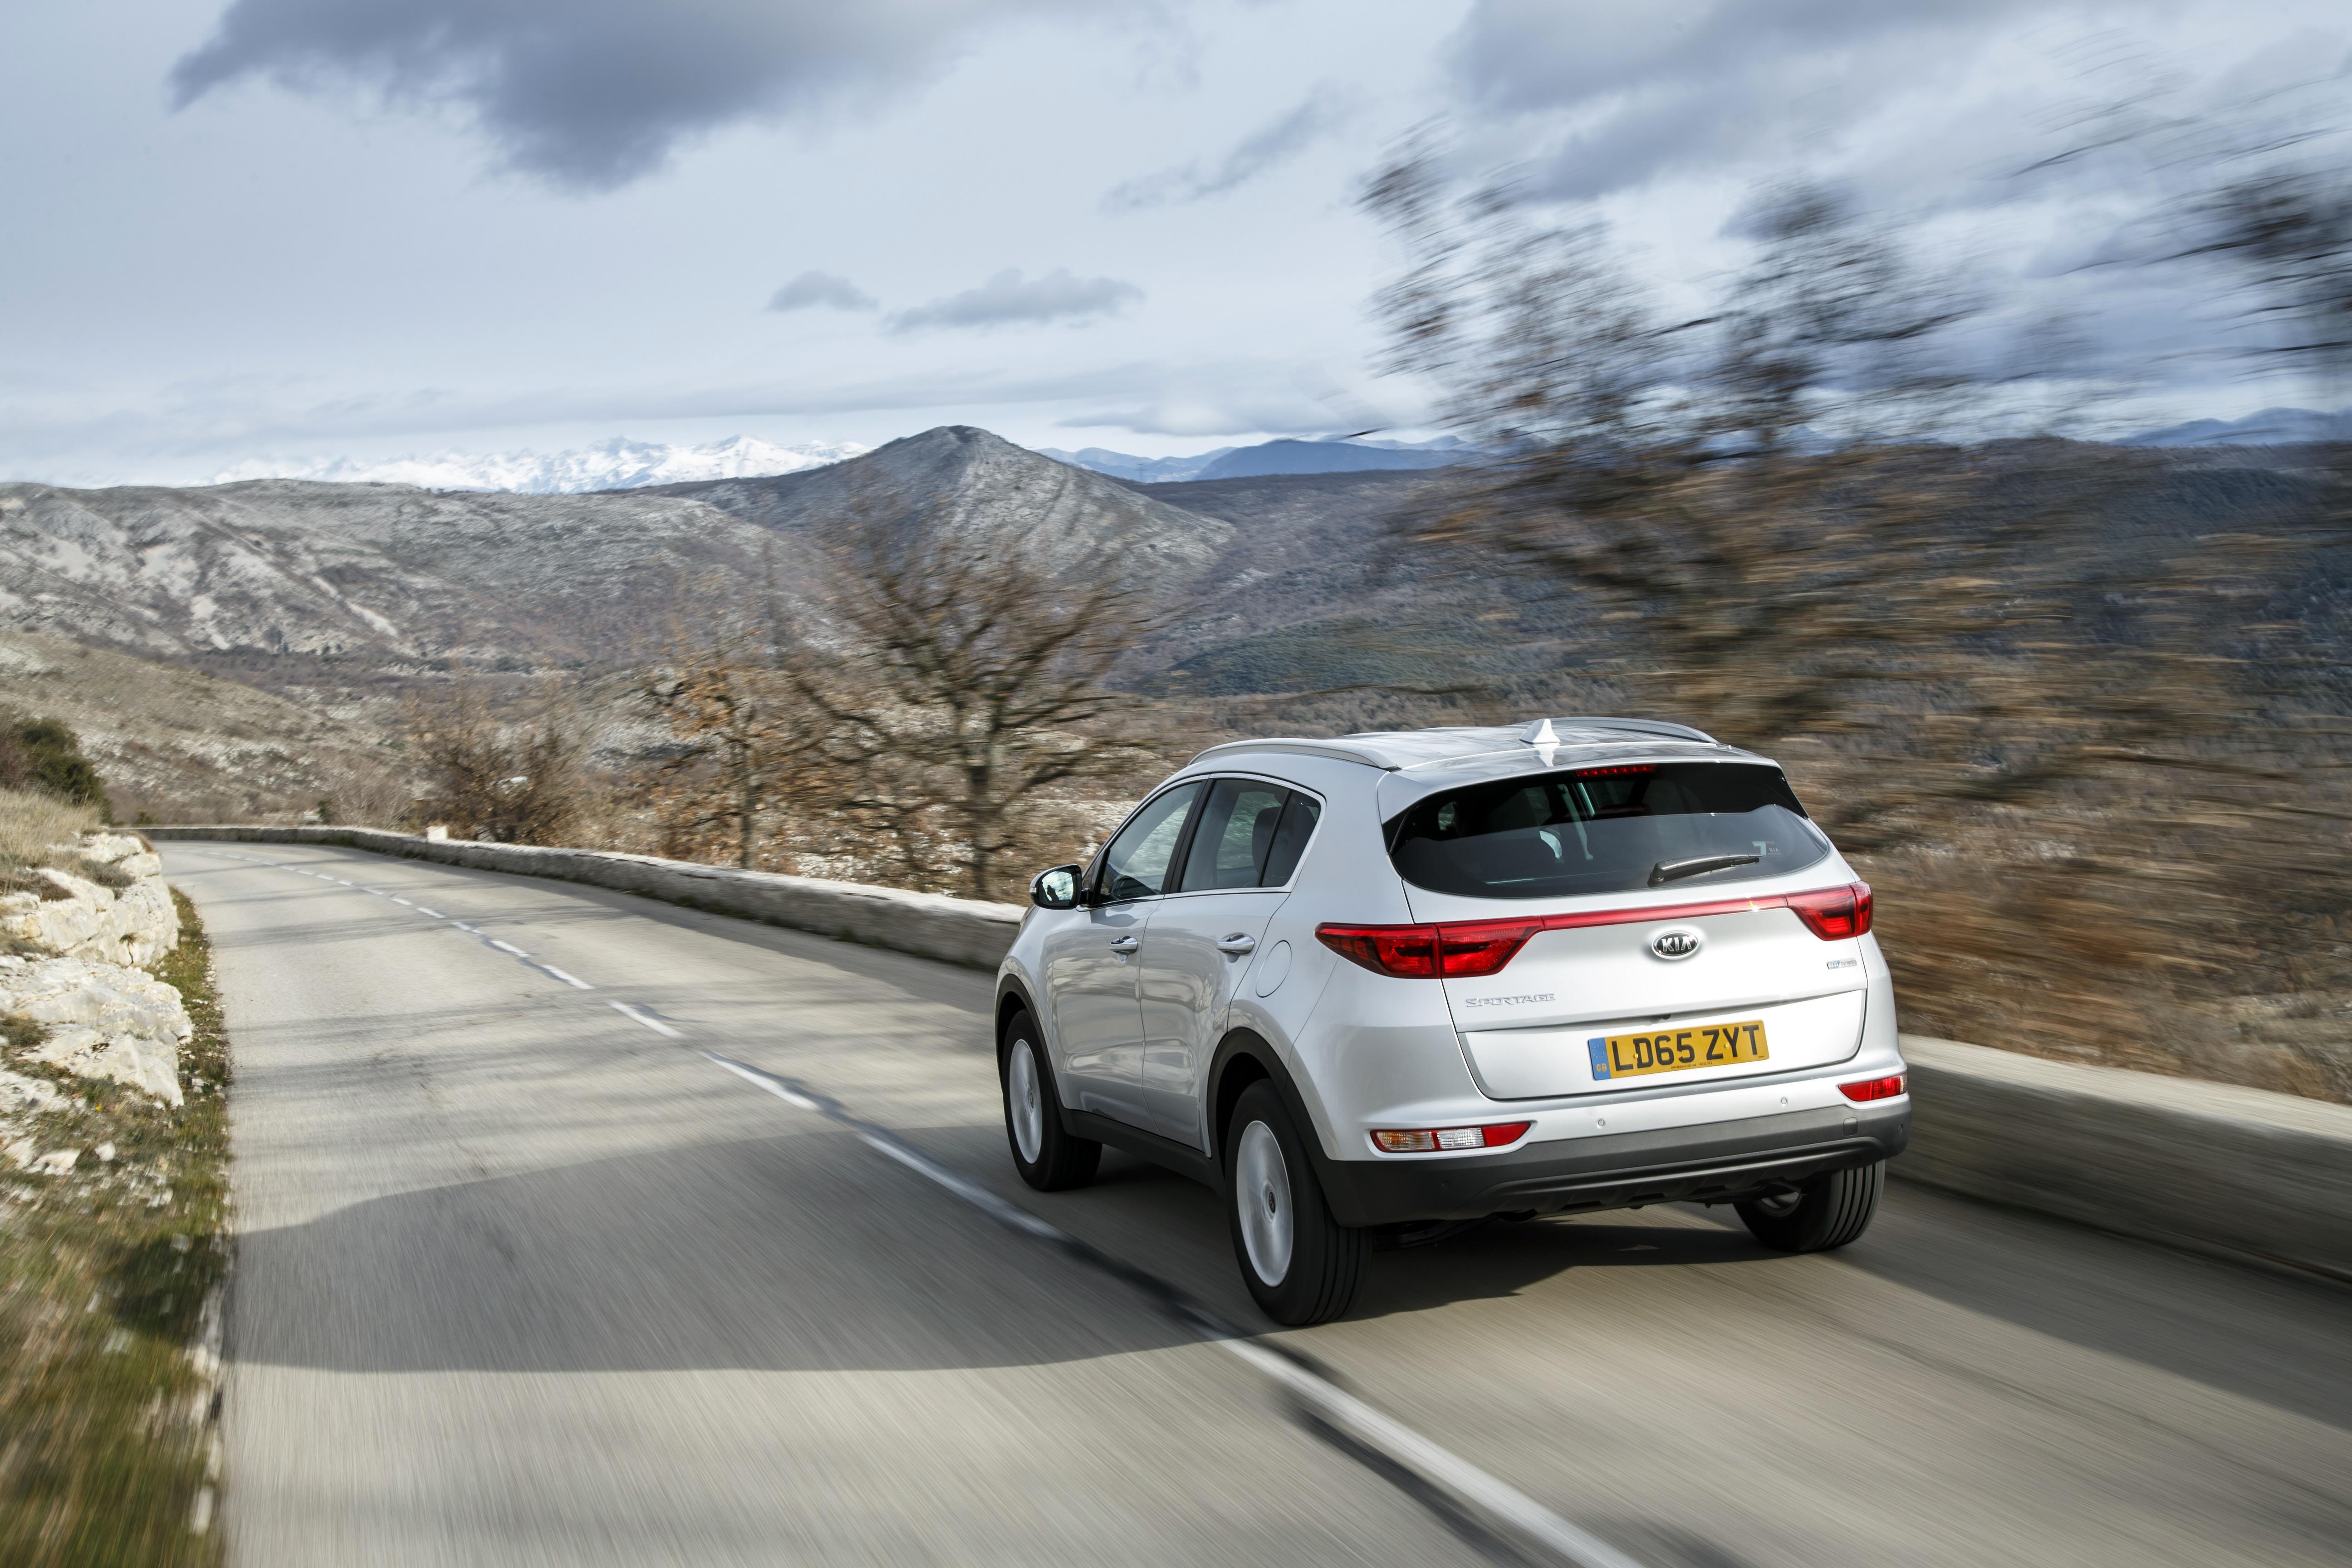 Kia Sportage driving in Europe